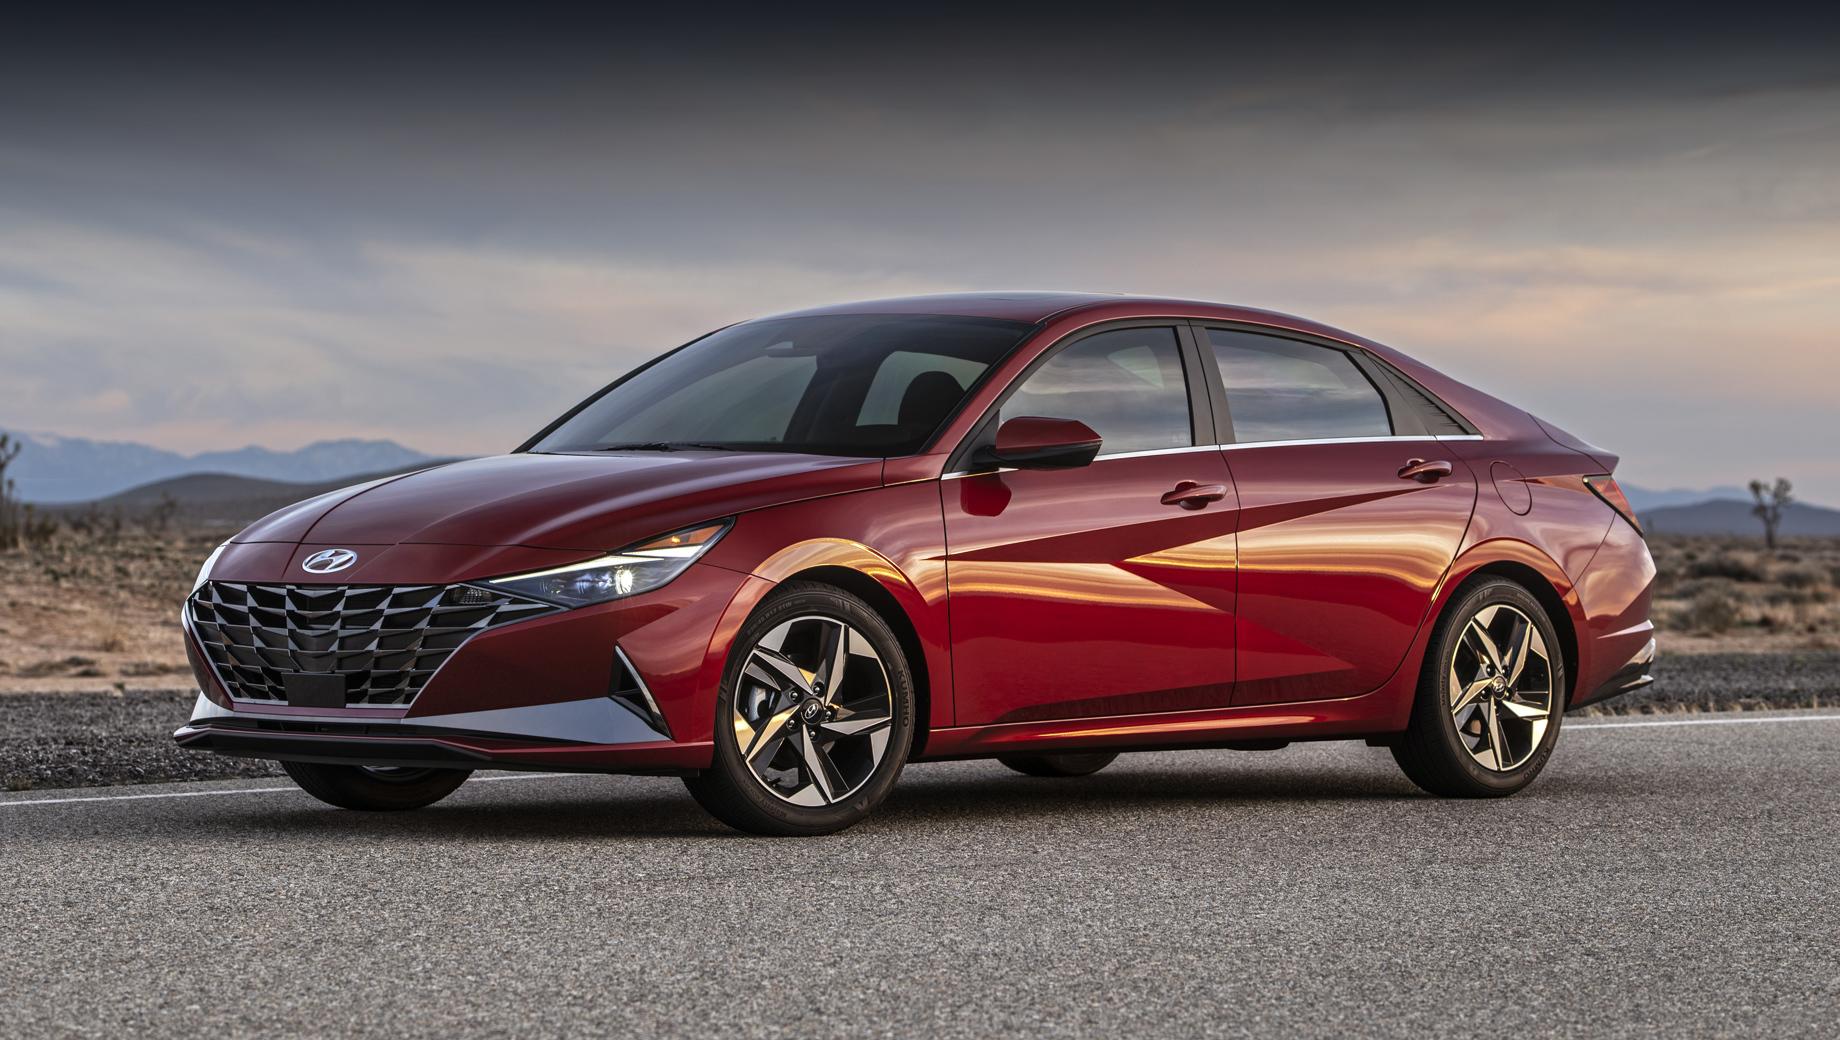 Hyundai elantra. Длина седана равна 4676 мм (+56 мм к предшественнику), ширина — 1826 (+26), высота — 1414 (-21), колёсная база — 2720 (+20).